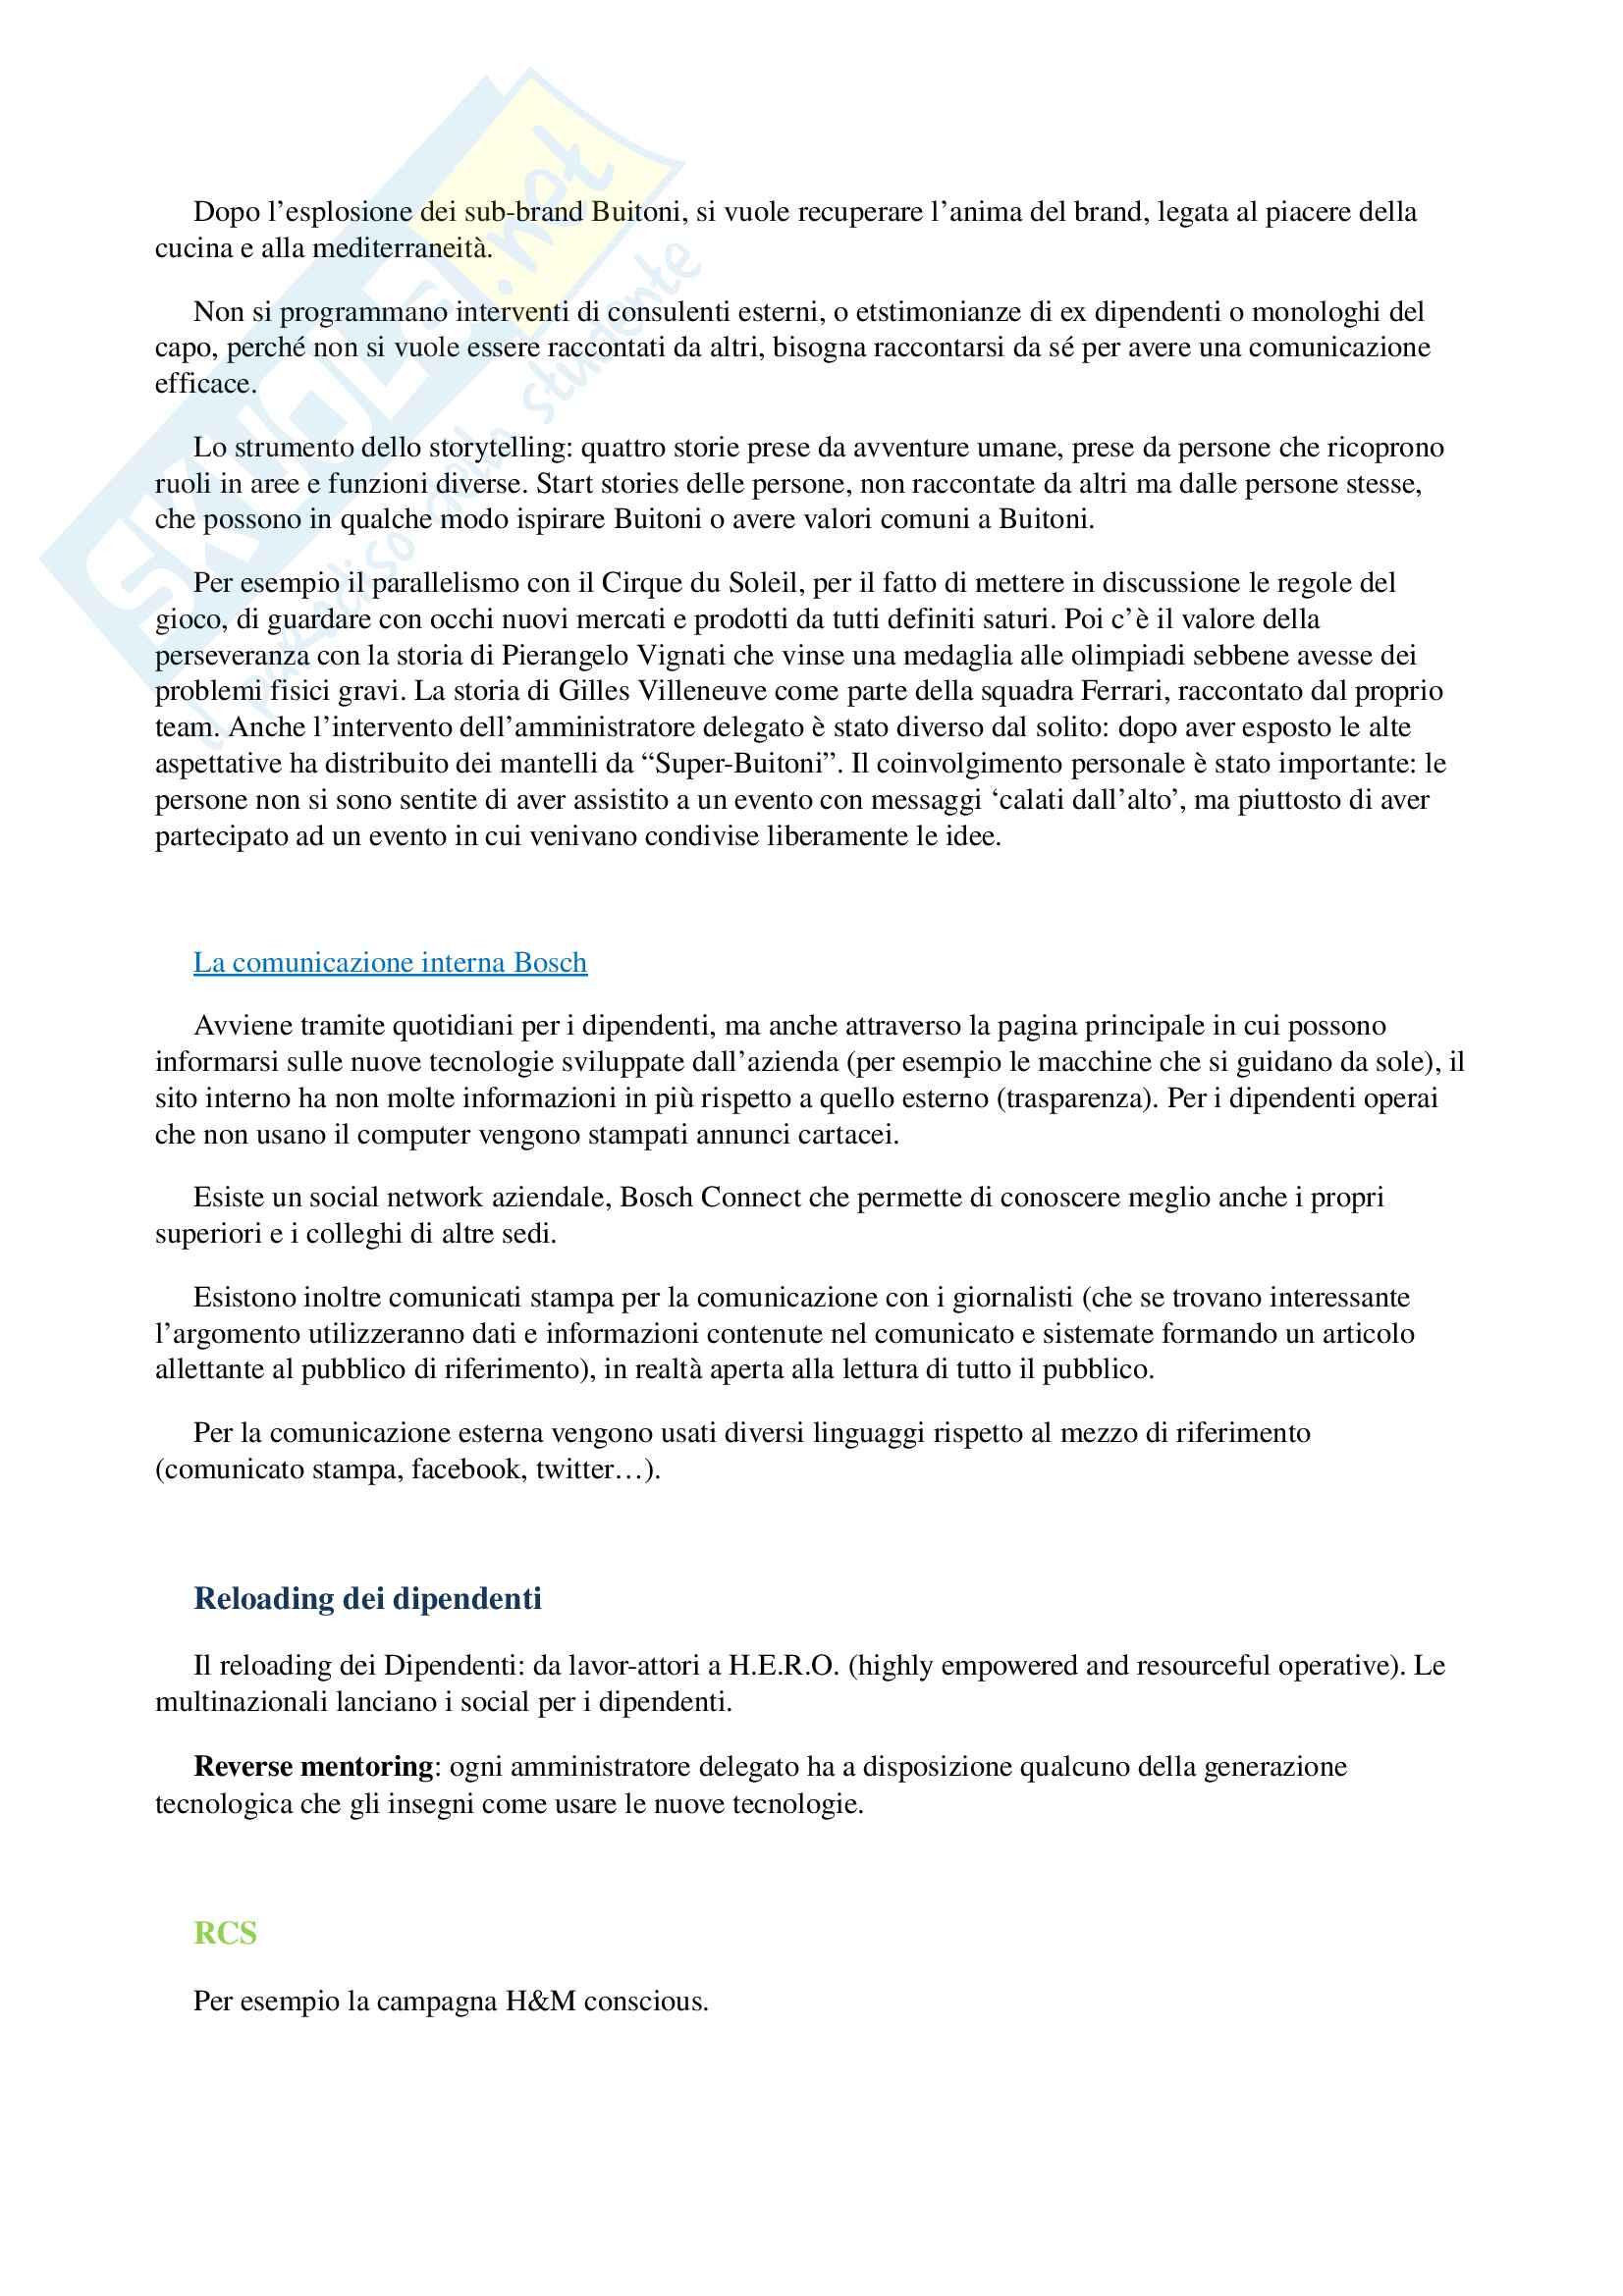 Appunti per esame di storia e linguaggi della pubblicità, prof. Musso, libro consigliato 'Brand Reloading - Patrizia Musso' Pag. 31